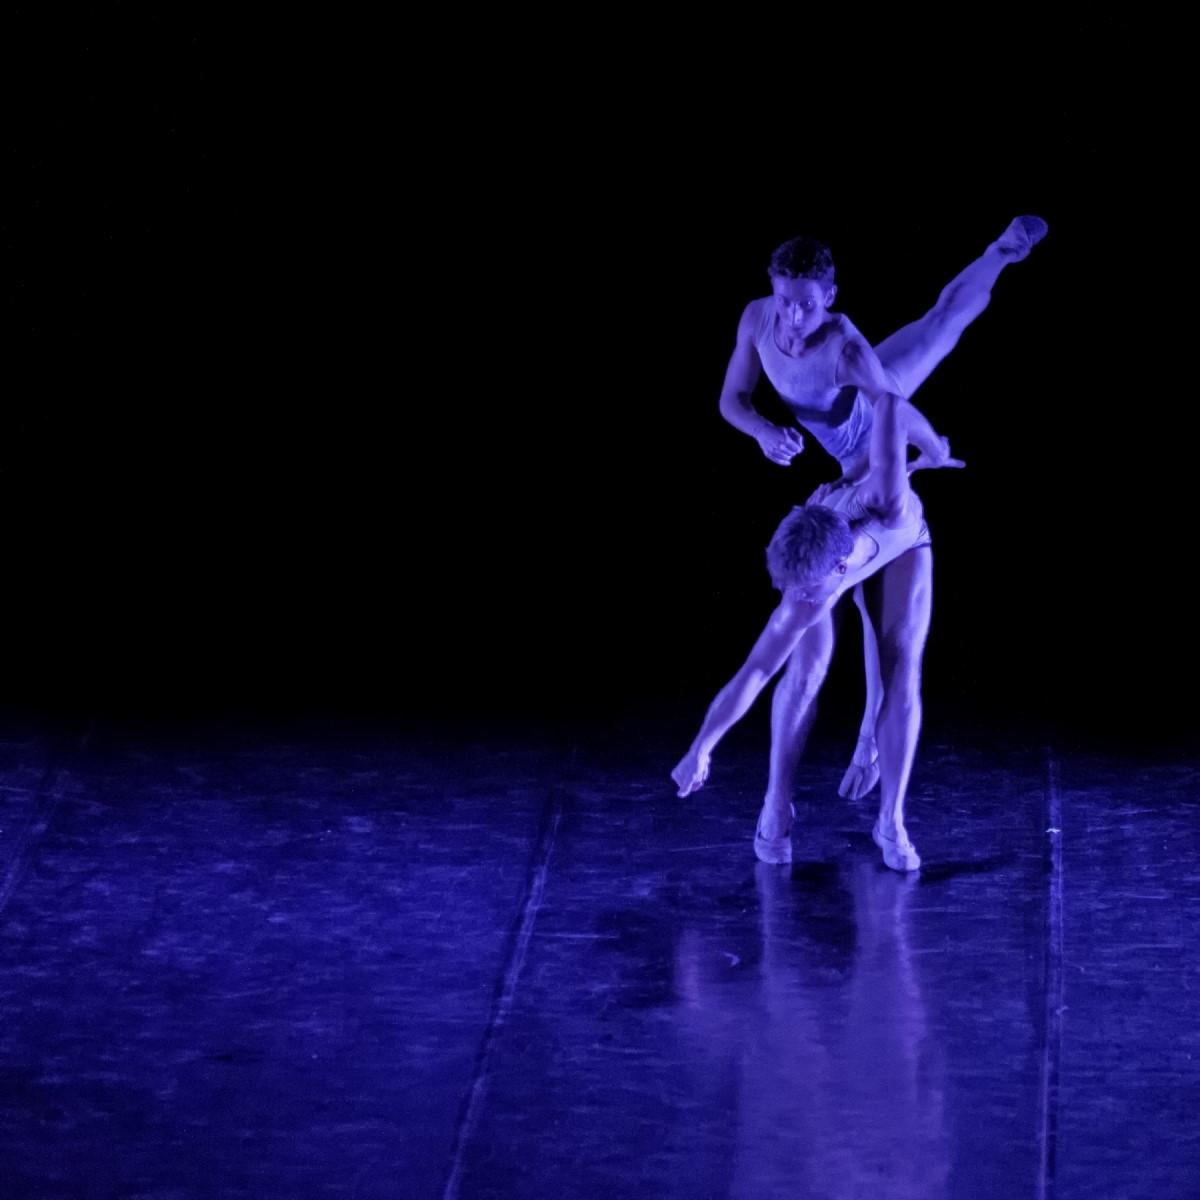 Gabriele-Rossi-116 Dance